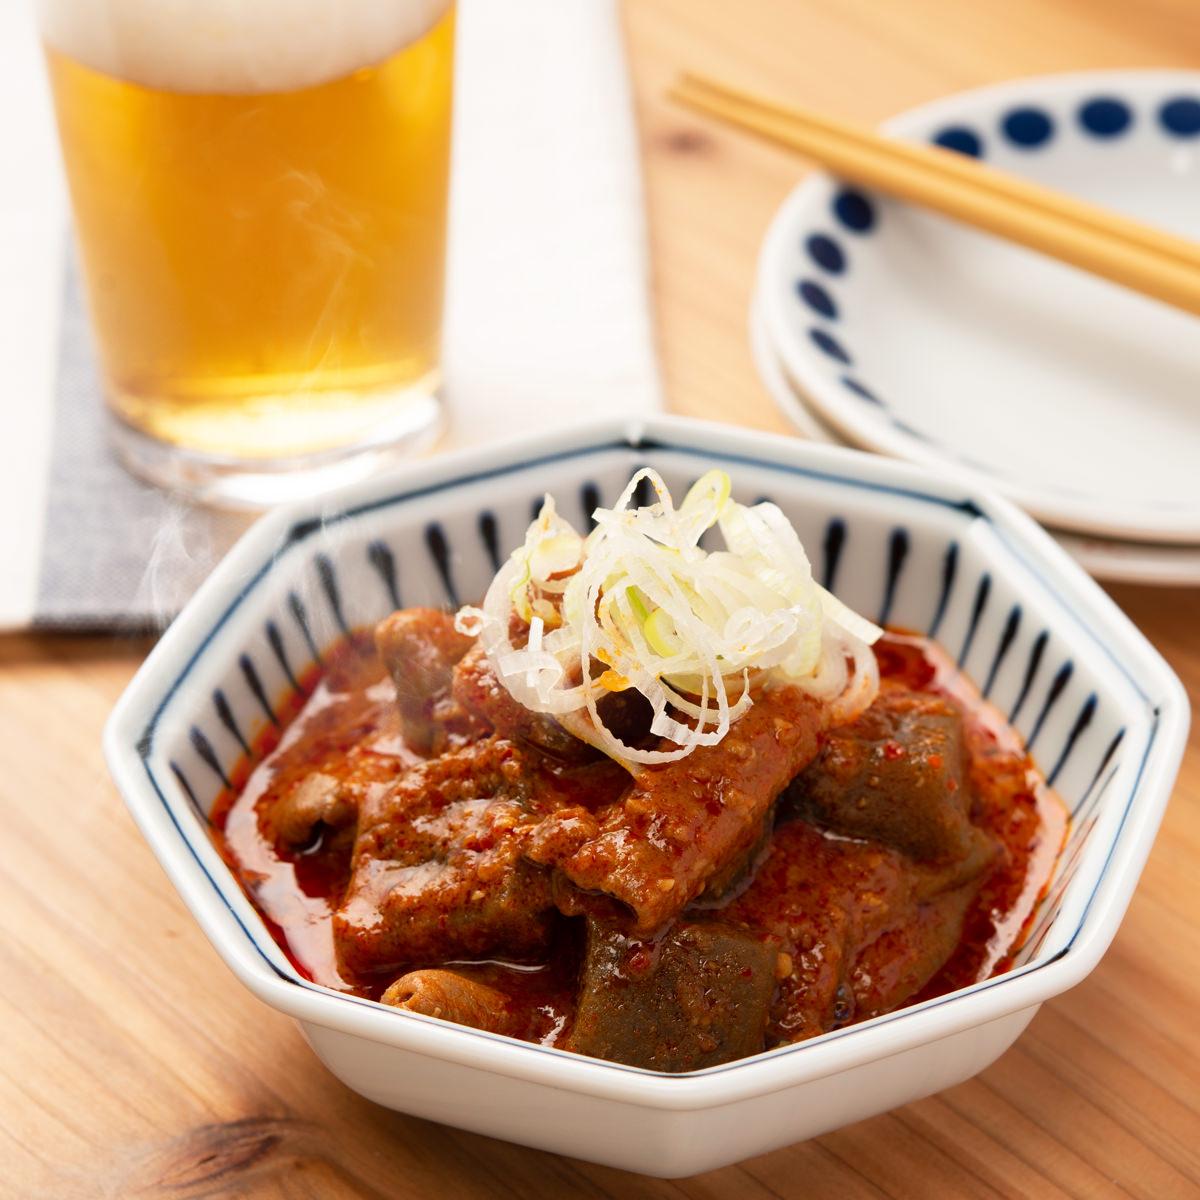 ジャン辛もつ煮 1人前×4個(箱入り) 〔240g×4〕 群馬県 惣菜 かみなり太郎